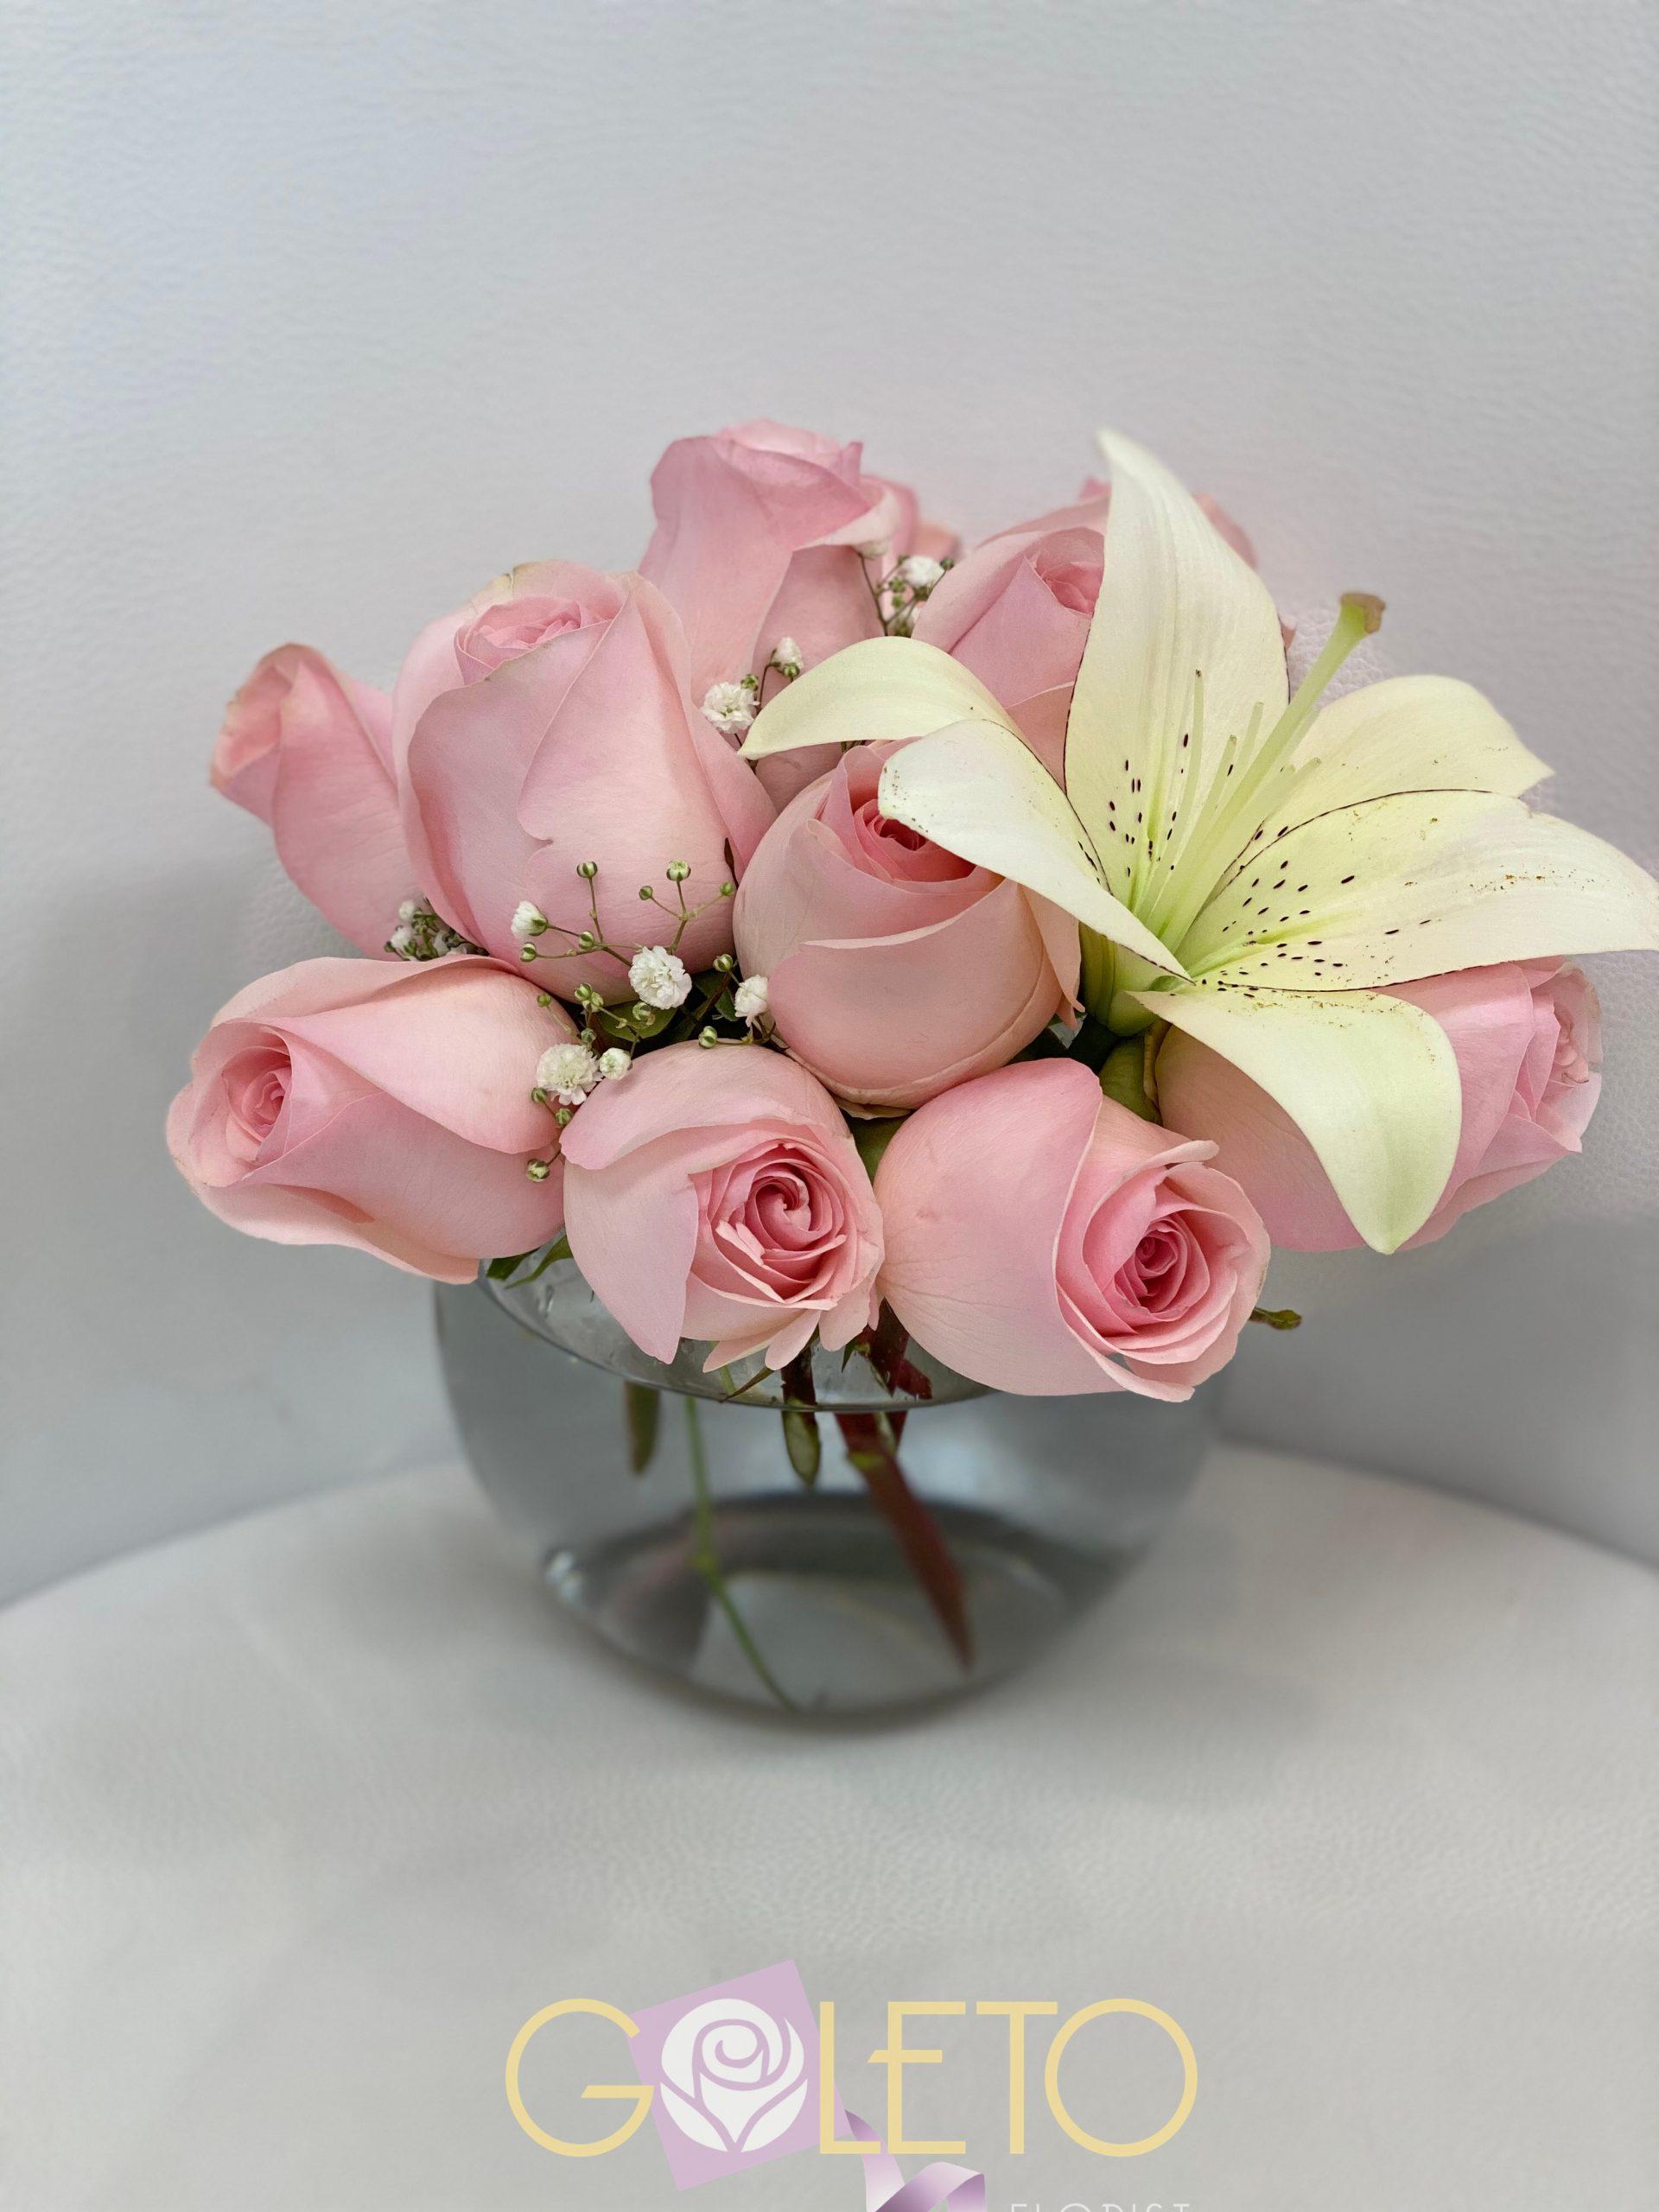 Goleto Birthday Flowers design 29